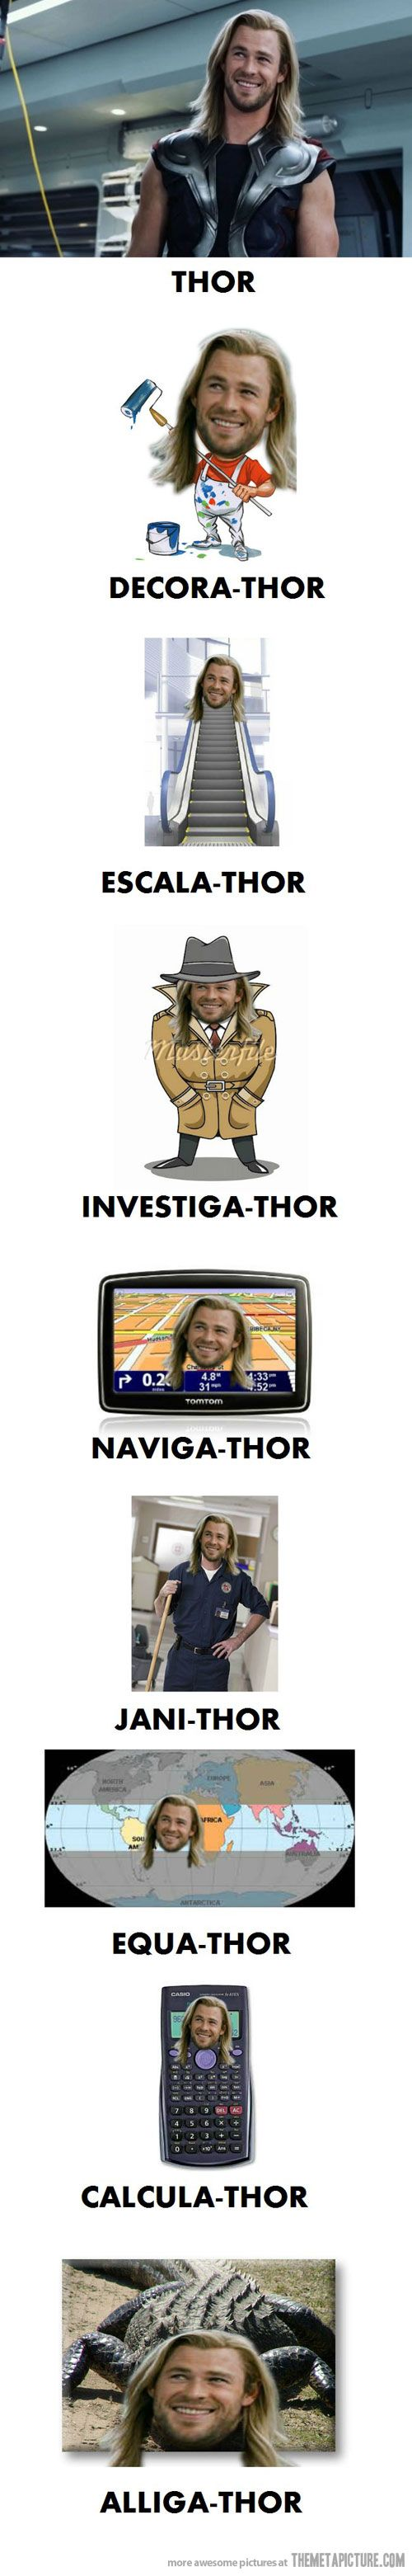 Thor… Thor Everywhere. yé beau en titi, mais vu de meme, je sais pas, ca le change, un peu...